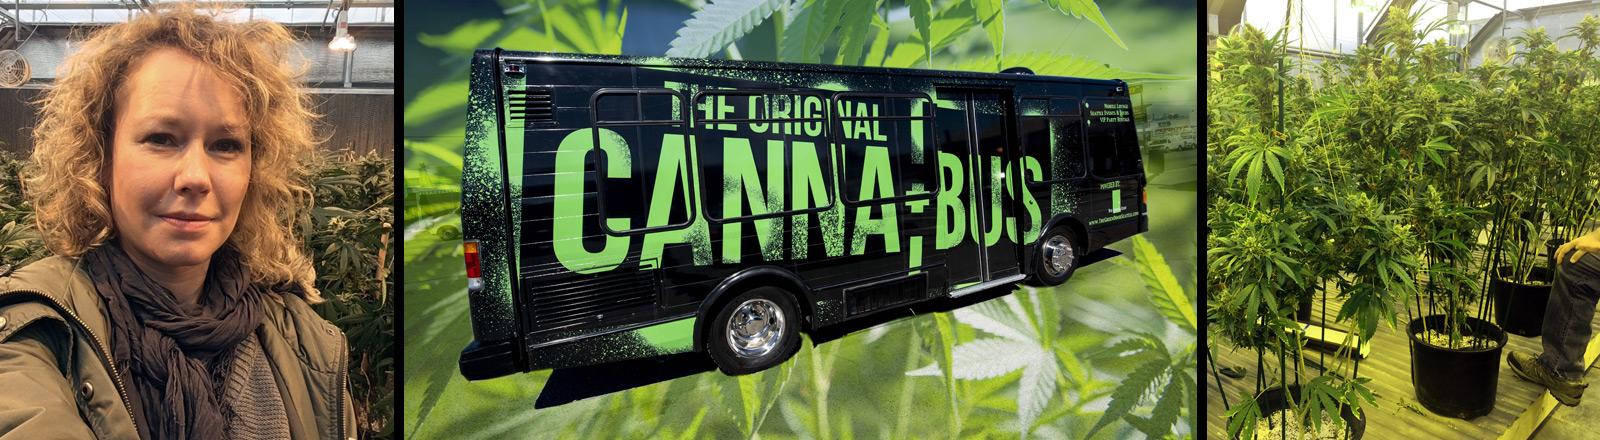 Hanna Ender in einem Gewächshaus für Hanfpflanzen, ein Party-Bus, in dem Marihuana geraucht werden darf.